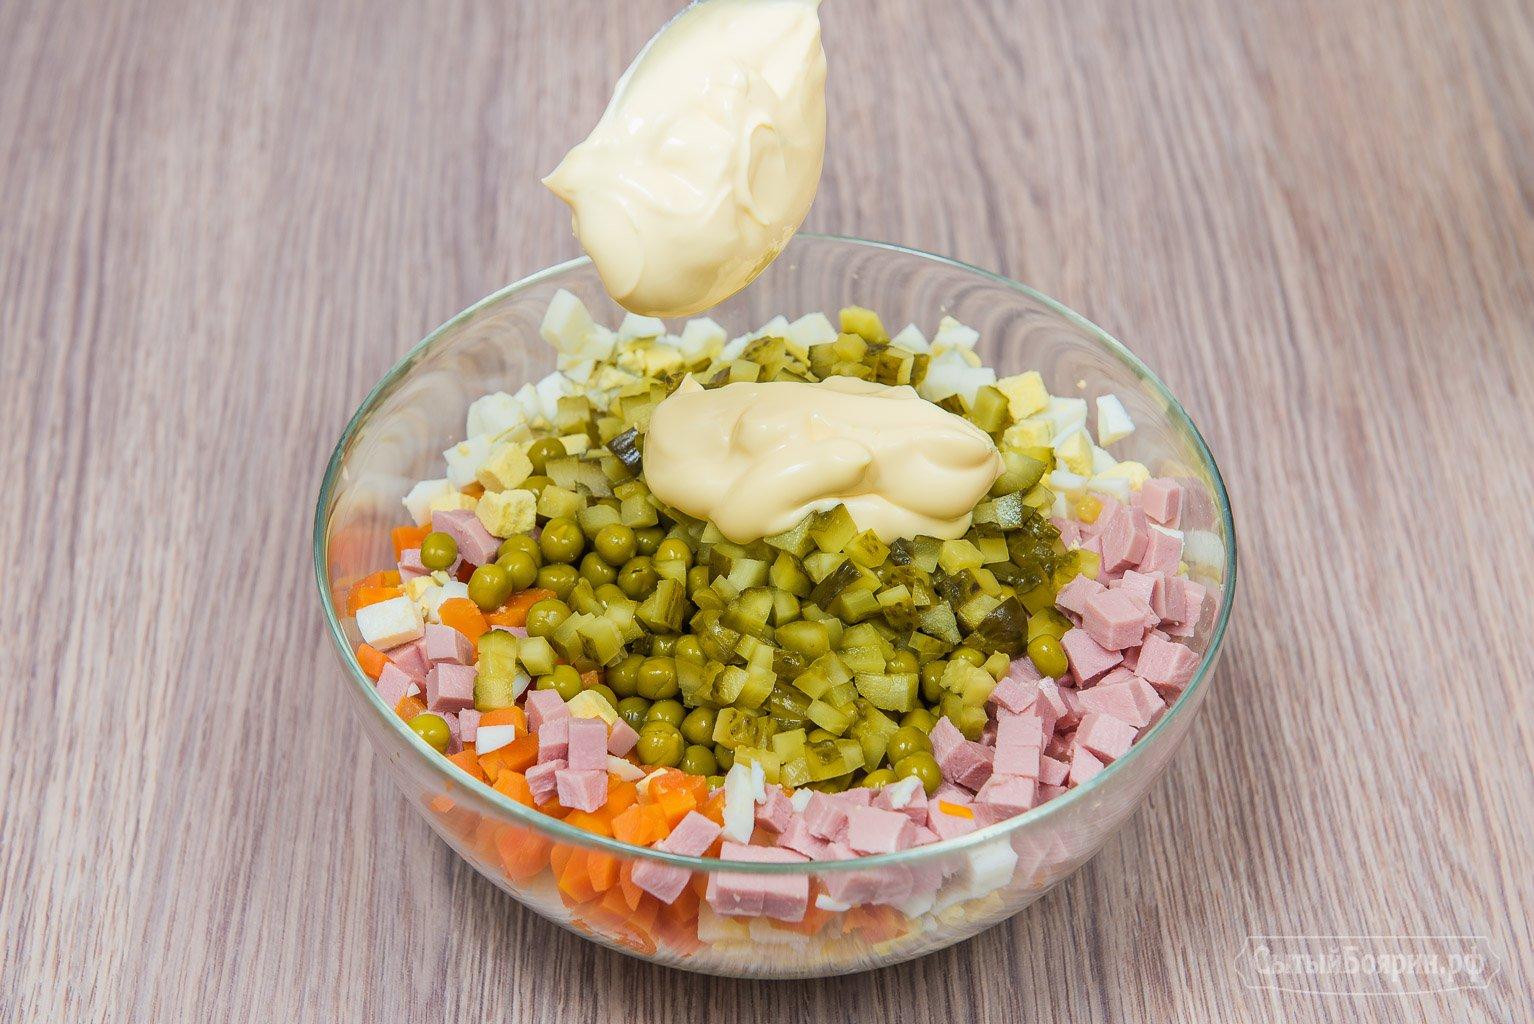 Как приготовить оливье с колбасой рецепт с фото пошагово